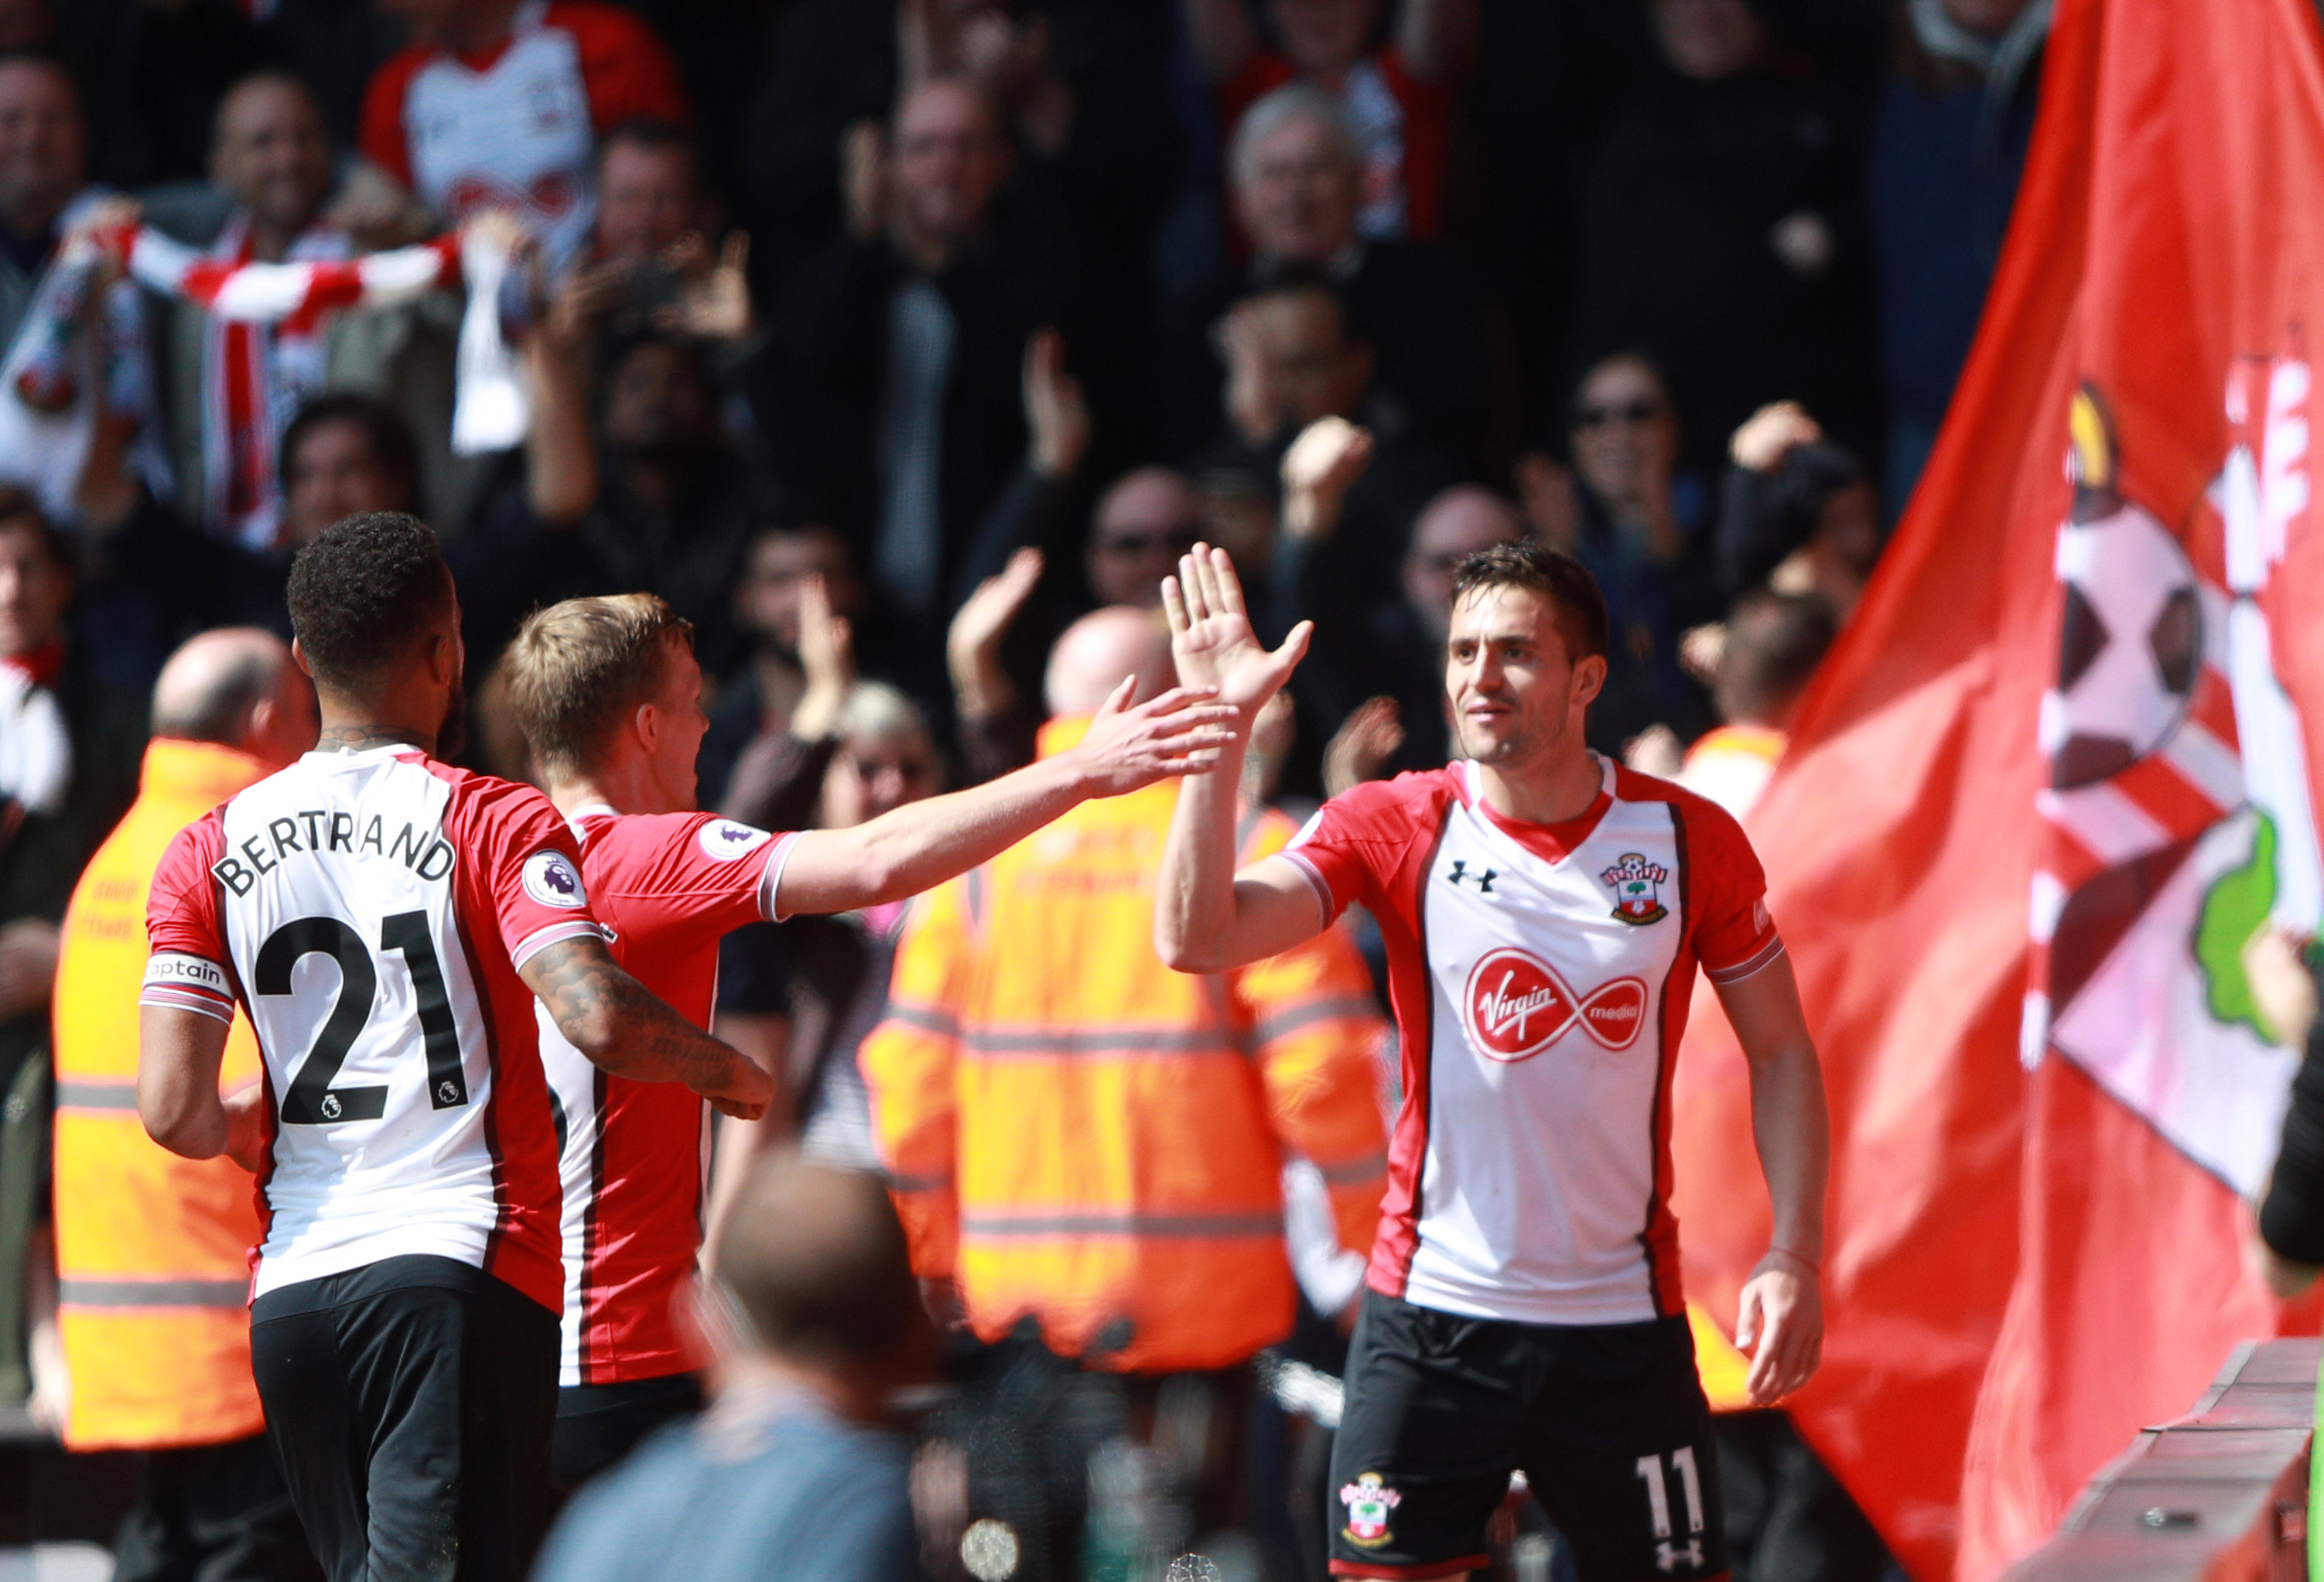 Niềm vui của các cầu thủ Southampton sau khi ghi bàn vào lưới Chelsea. Ảnh: REUTERS